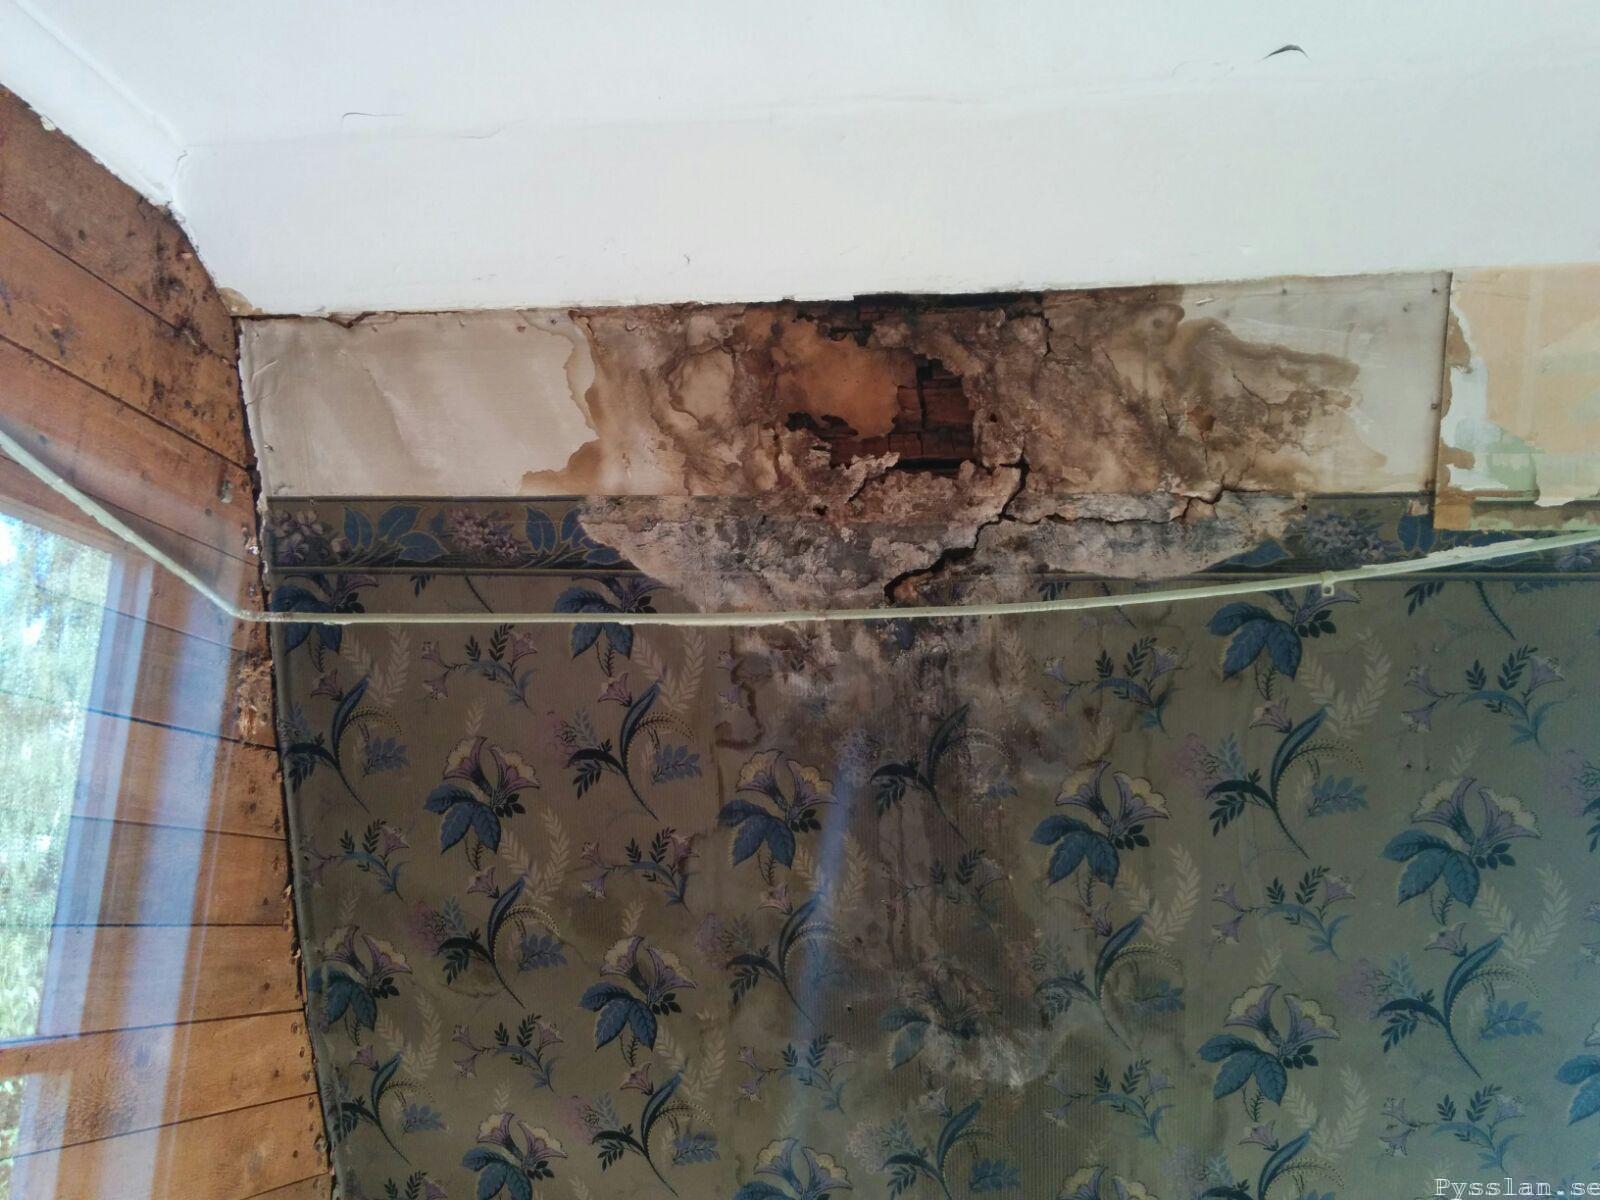 Fuktskada svamp mögel 20-talsdröm 20-talshus renovering pysslan blog